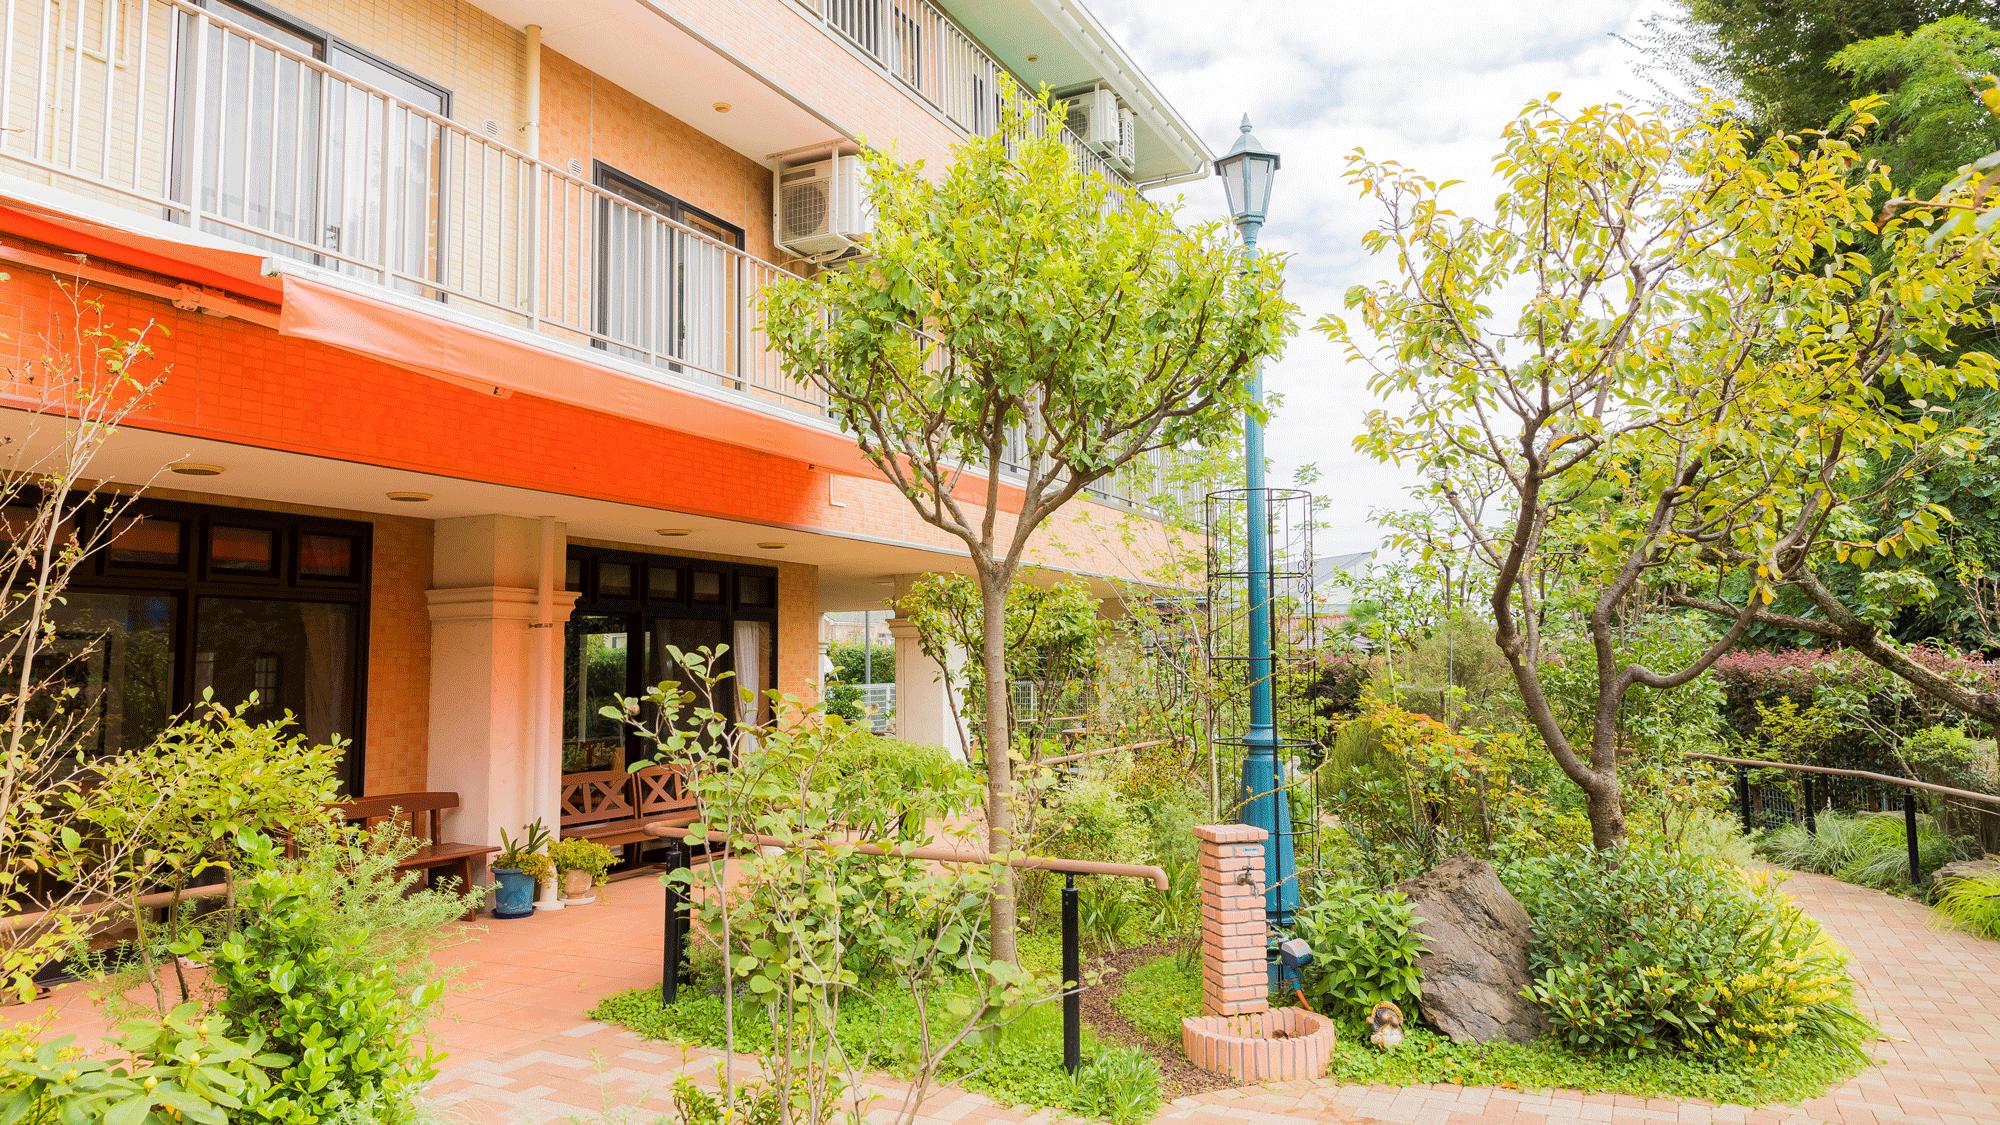 カーロガーデンには緑が溢れています。四季を感じる第二の家です。